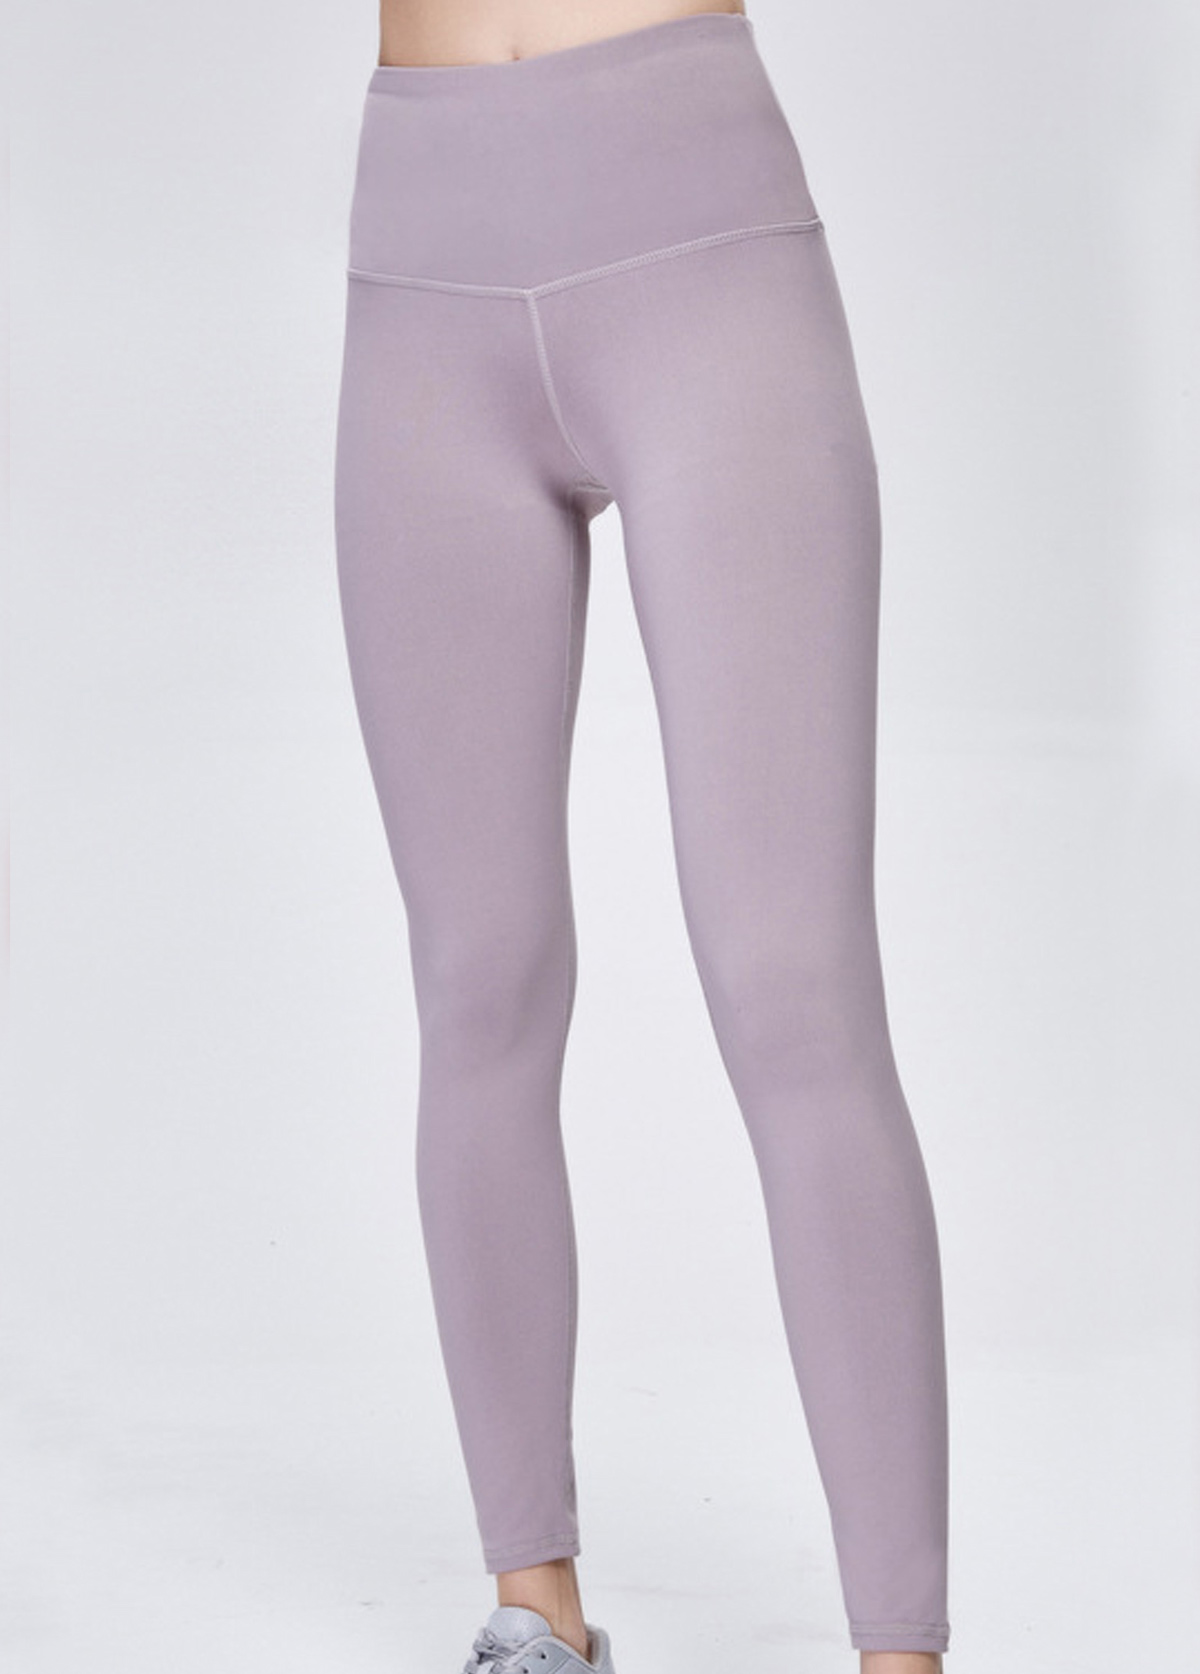 Wide Band Waist Light Purple Yoga Pants